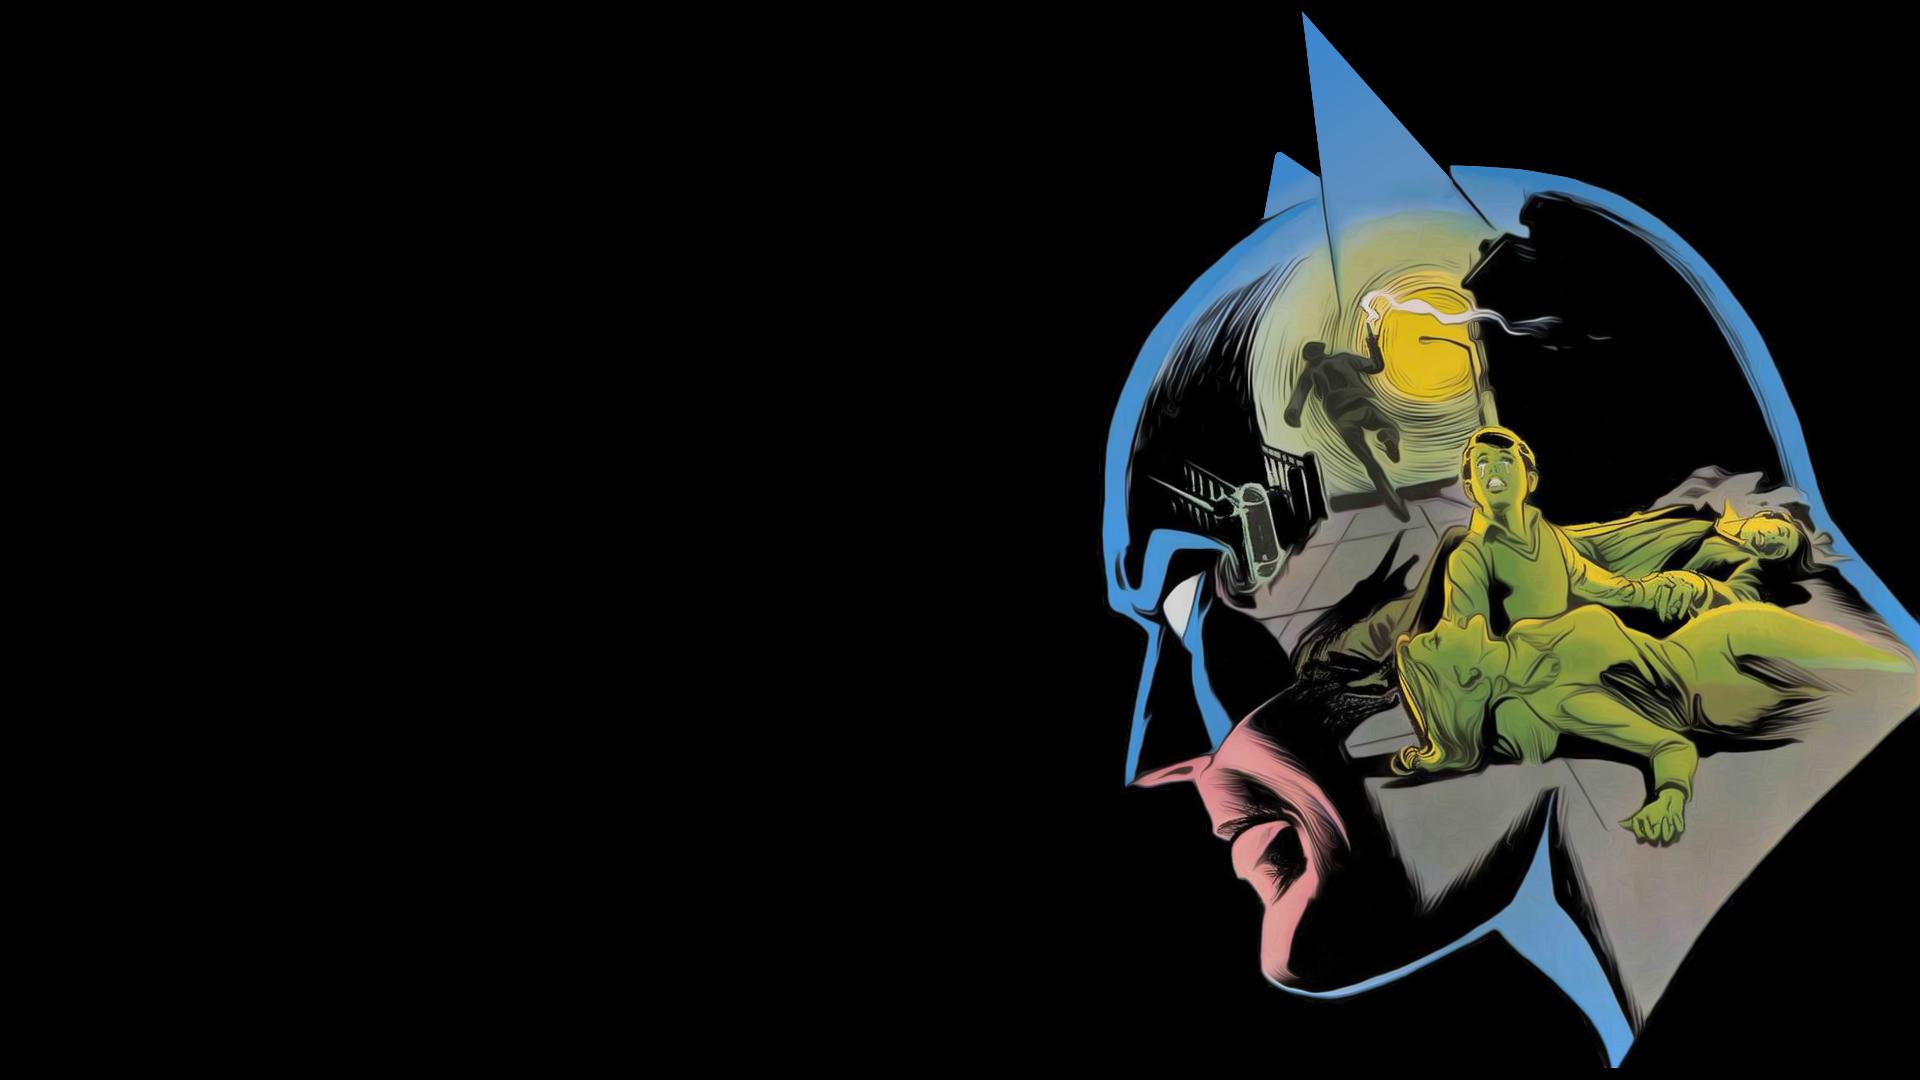 wallpaper comics batman - photo #31